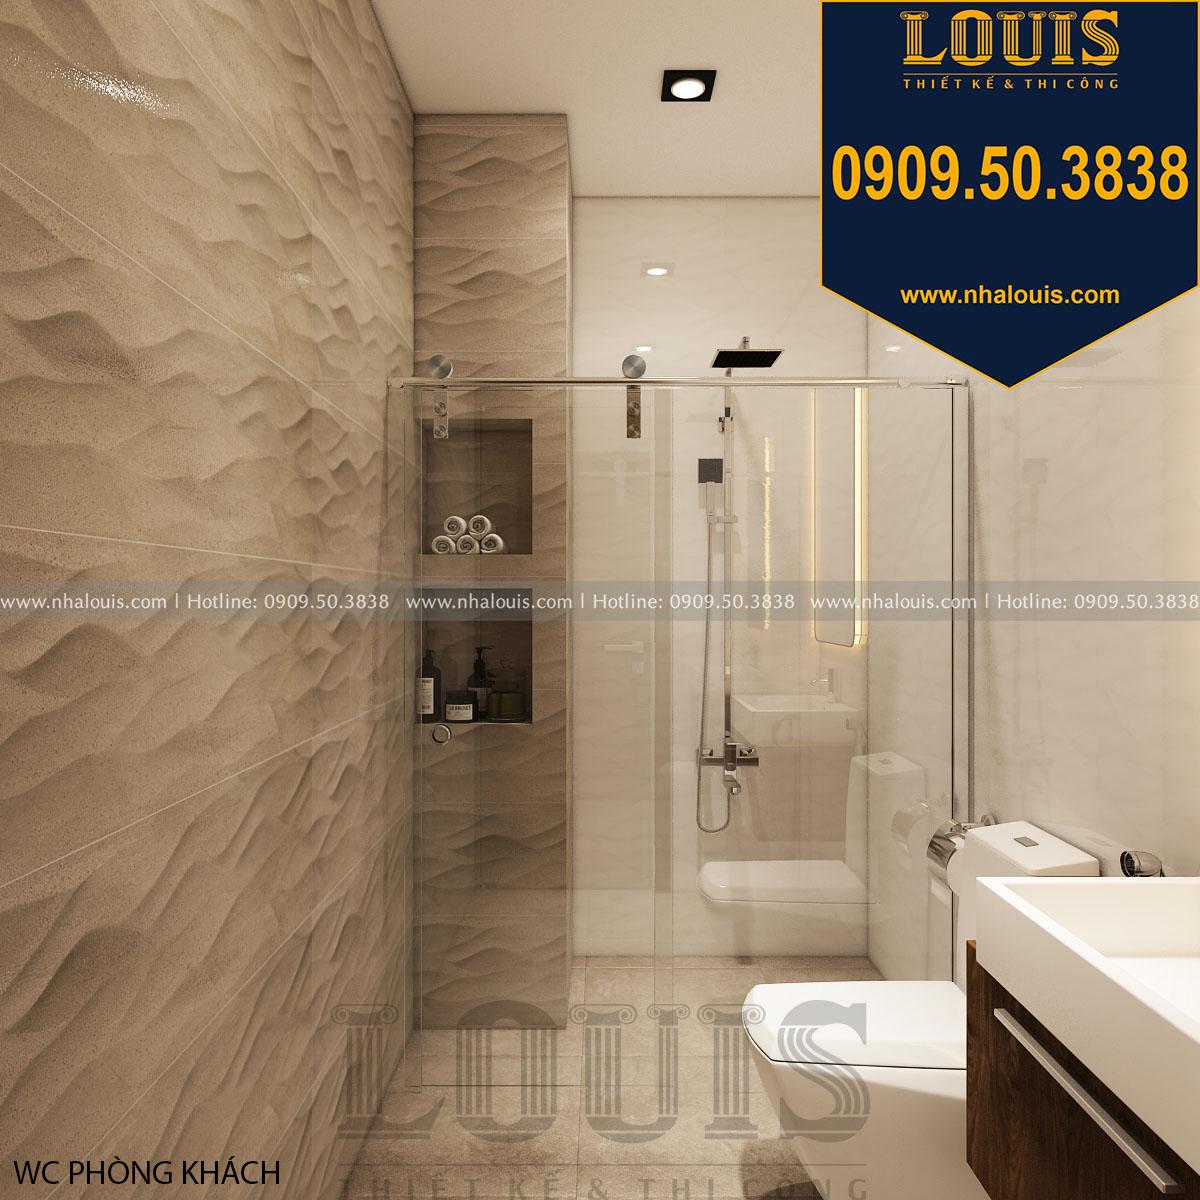 Phòng tắm và WC Phòng khách